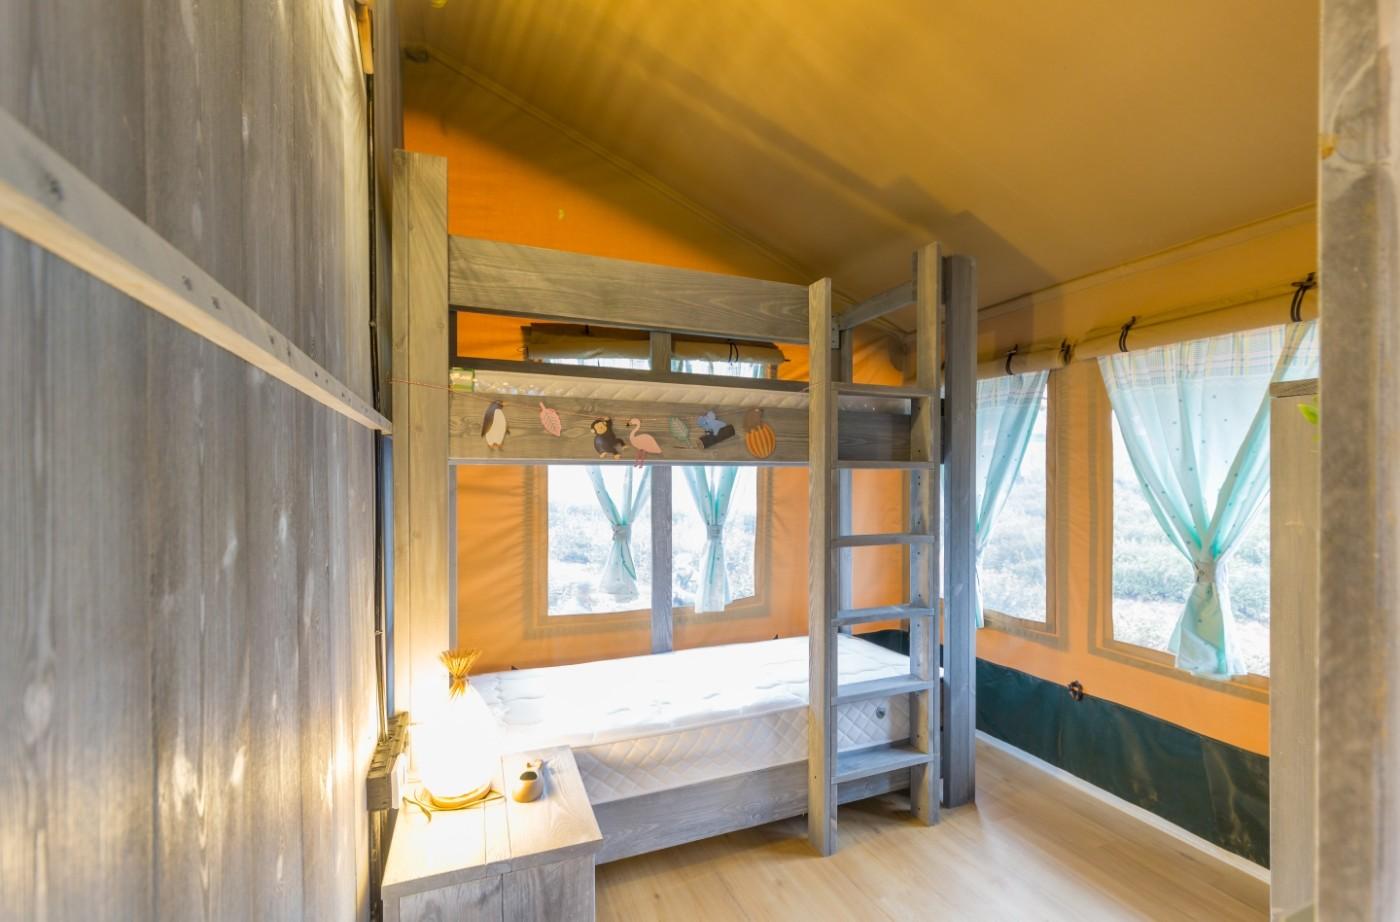 喜马拉雅野奢帐篷酒店—江苏常州茅山宝盛园2期茶田帐篷酒店34